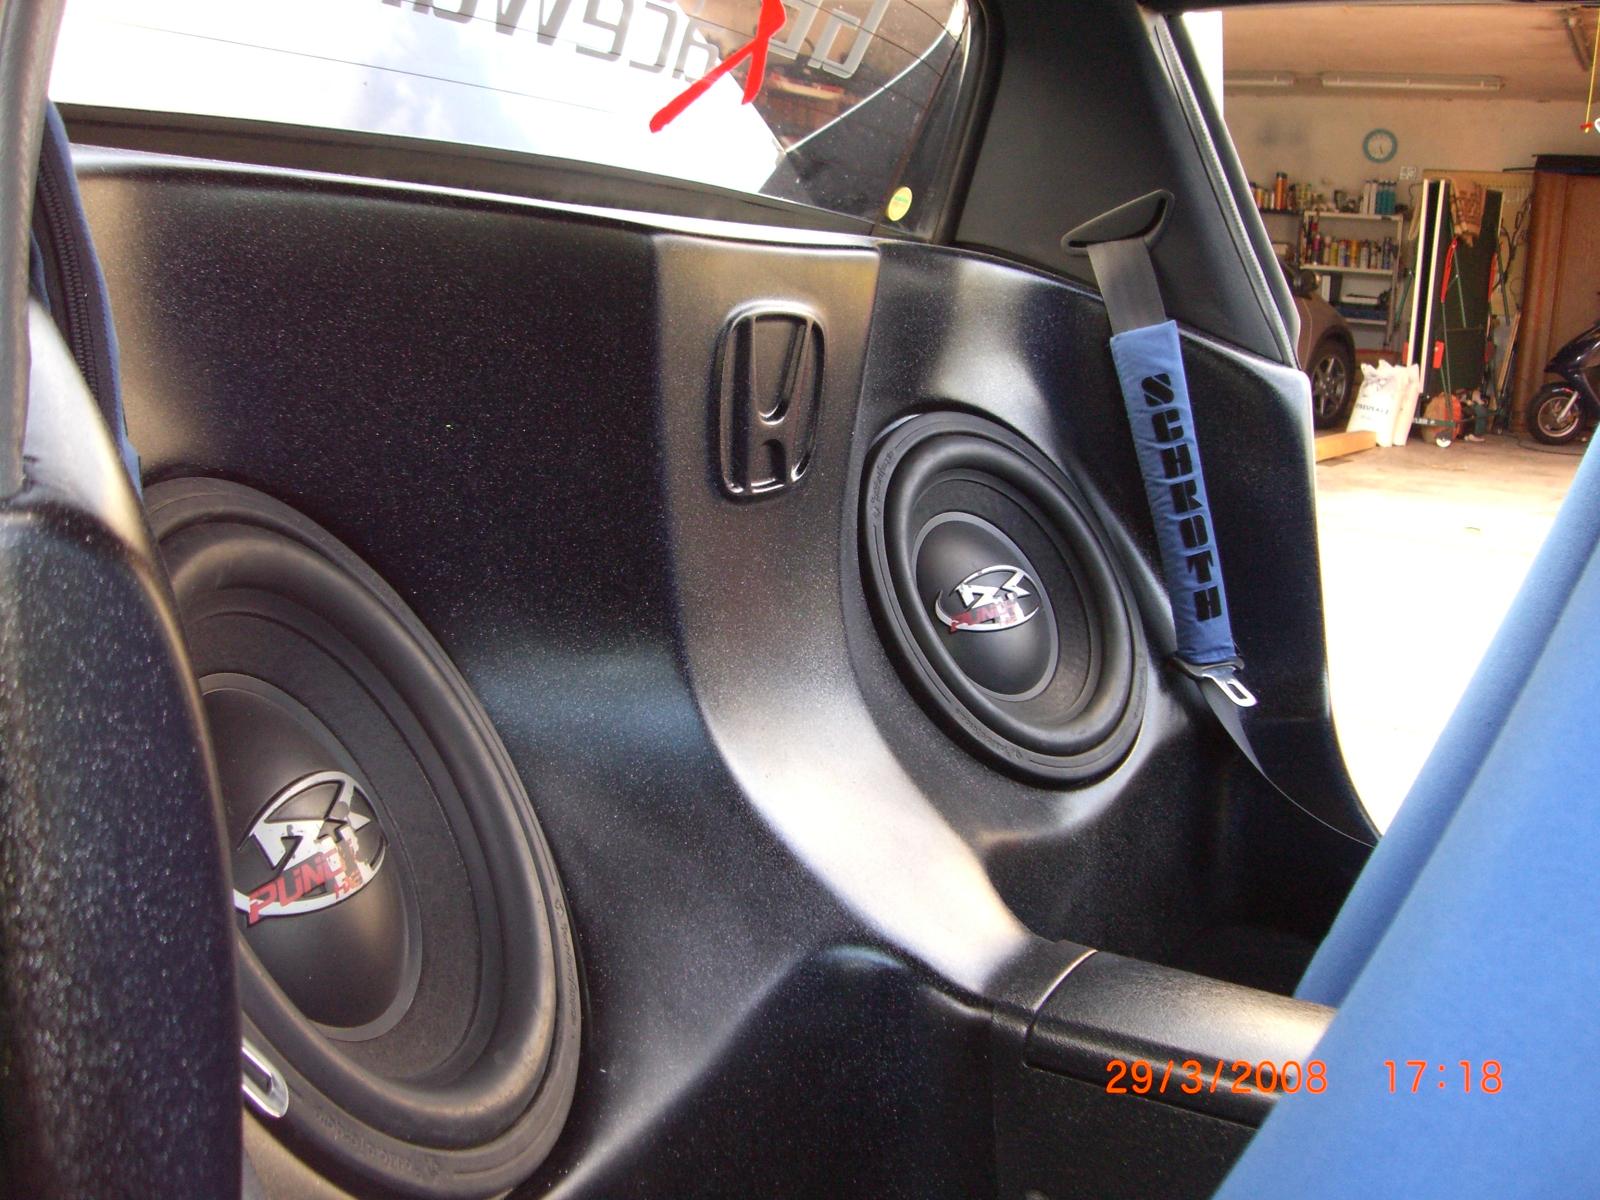 CRX del Sol Subwoofereinbau - Forum: Car Audio, Apps, Bluetooth ...